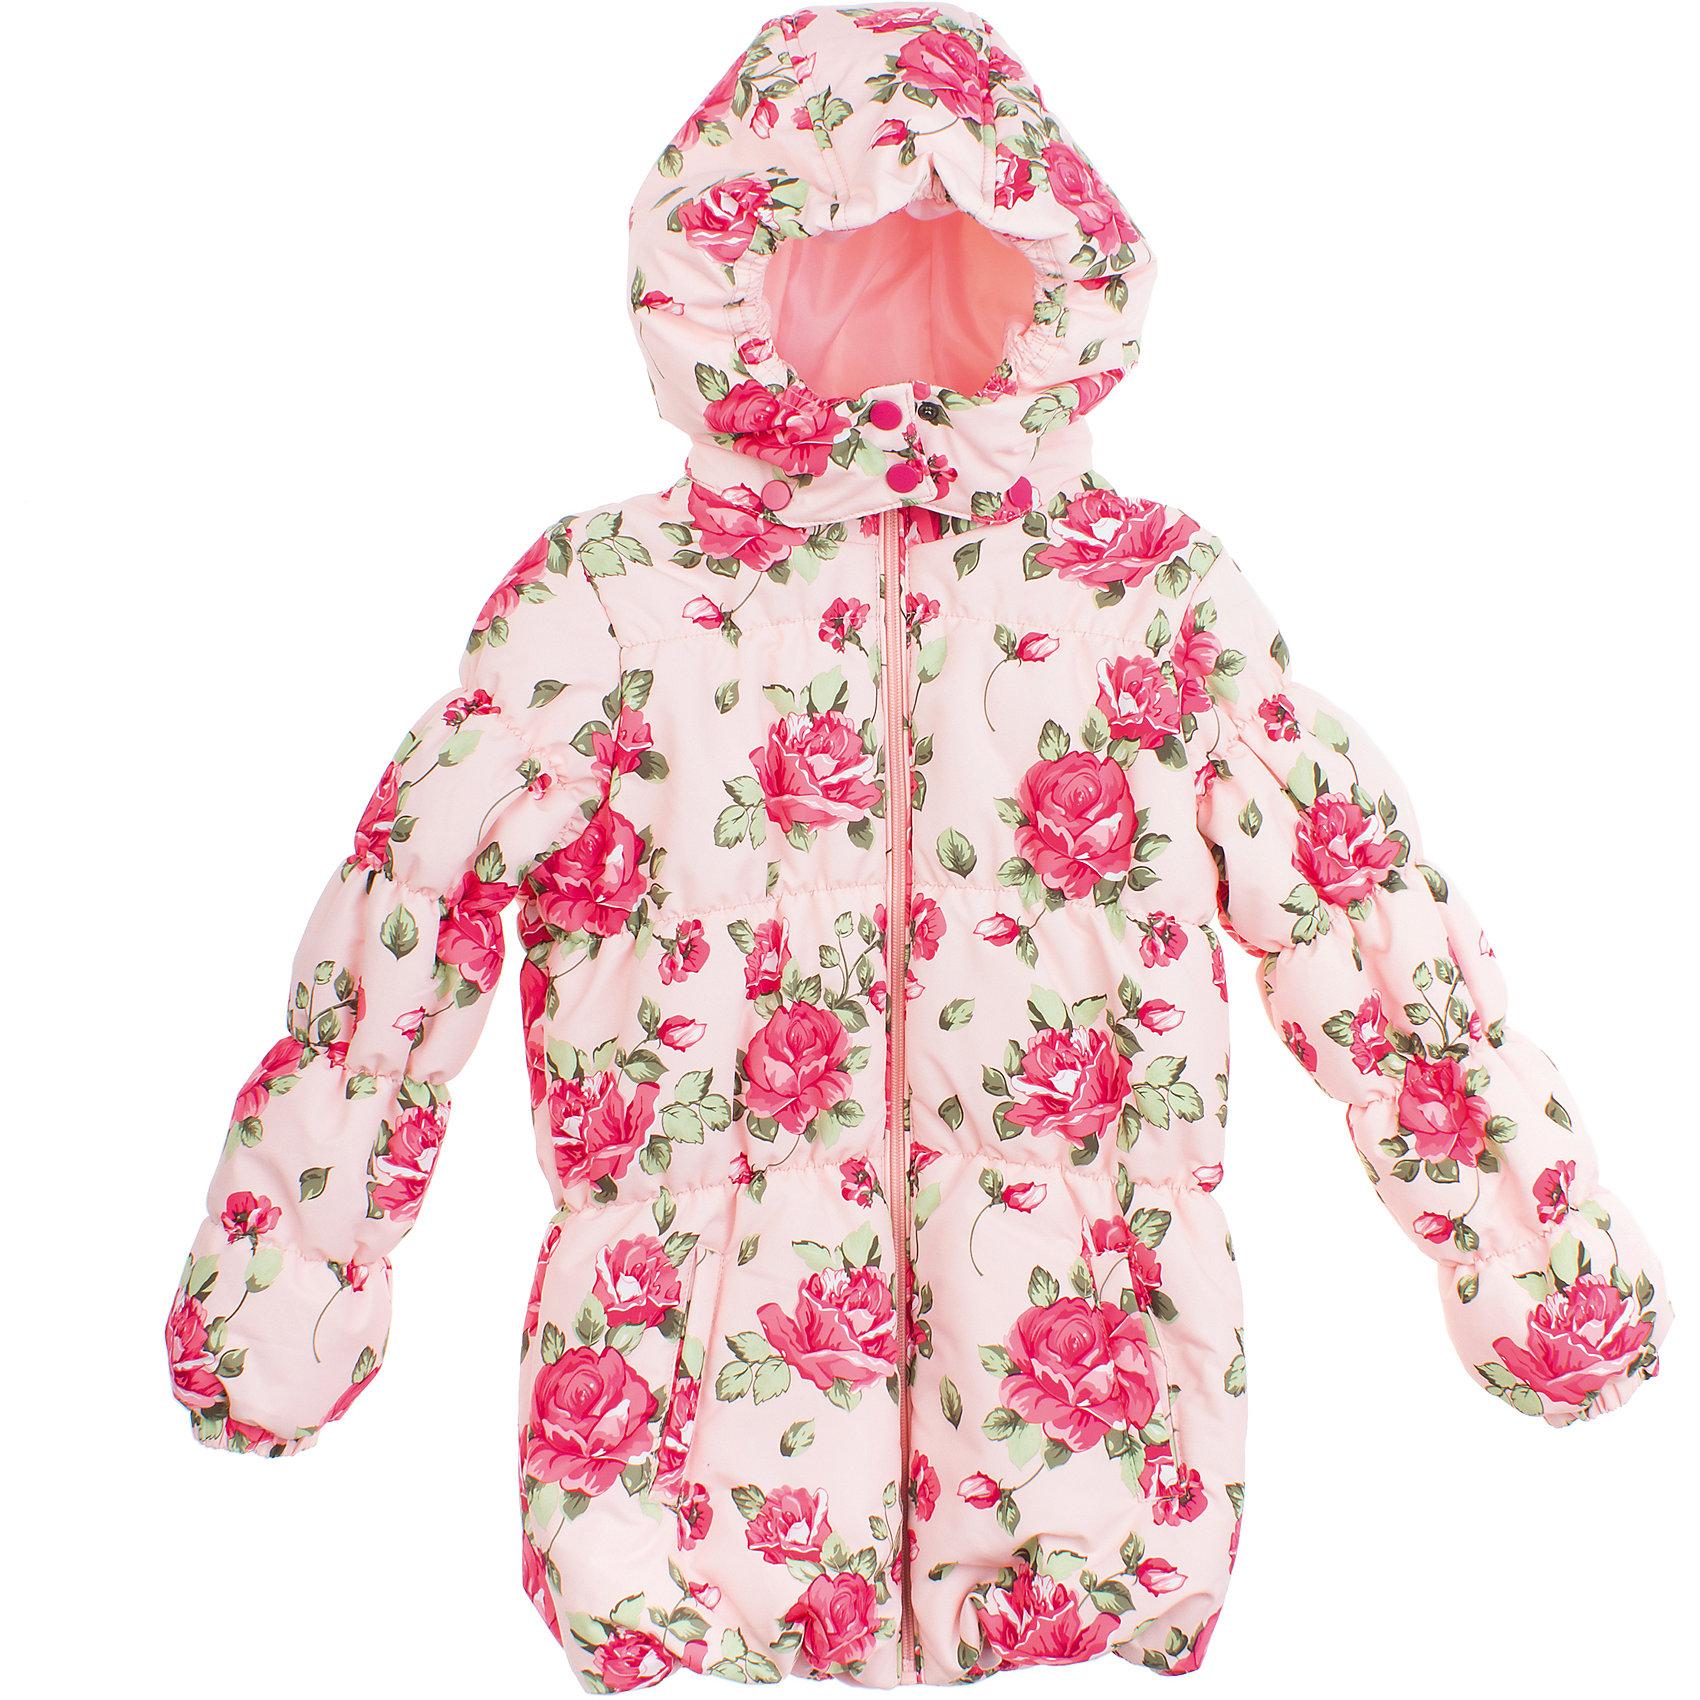 Куртка для девочки PlayTodayВерхняя одежда<br>Куртка для девочки PlayToday <br><br>Состав: <br>Верх: 100% полиэстер <br>Подкладка: 100% полиэстер <br>Наполнитель: 100% полиэстер <br><br>Нежно-розовый цвет<br>Ткань в набивку с розами<br>Рукава, капюшон и низ на резинке<br>Подкладка - таффета<br>Наполнитель - синтепон<br>Застегивается на молнию с защитой подбородка<br>Капюшон на воротнике застегивается на две кнопки для защиты от ветра<br><br>Ширина мм: 356<br>Глубина мм: 10<br>Высота мм: 245<br>Вес г: 519<br>Цвет: розовый<br>Возраст от месяцев: 48<br>Возраст до месяцев: 60<br>Пол: Женский<br>Возраст: Детский<br>Размер: 104,128,122,110,98,116<br>SKU: 4504423